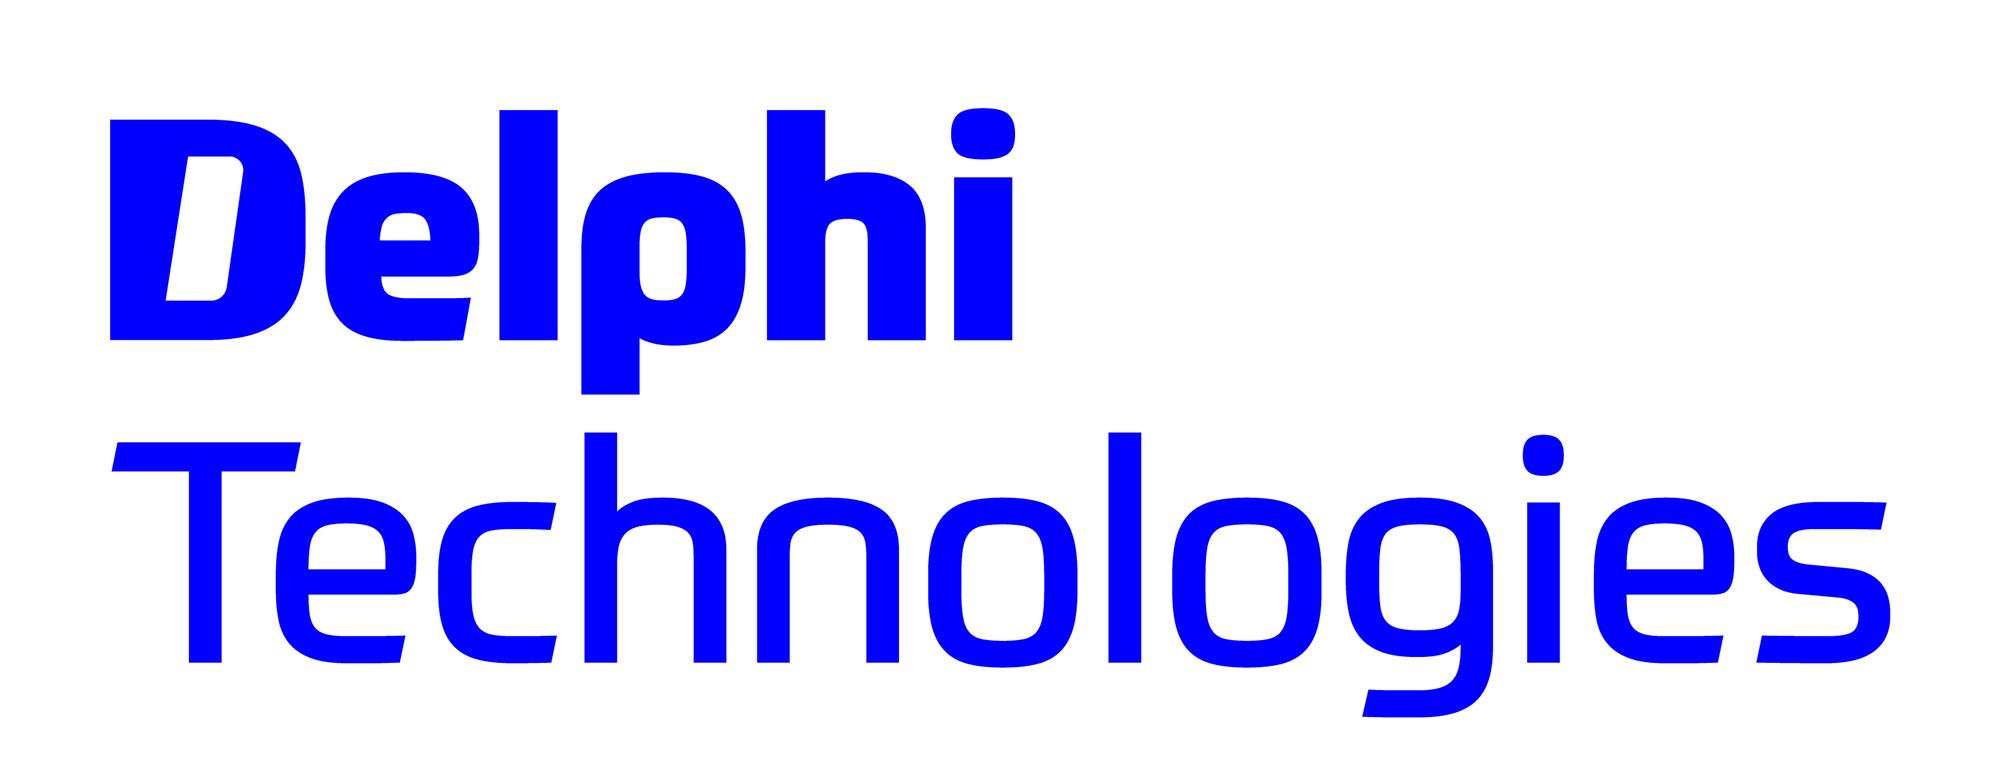 delphi-technologies-logo.jpg